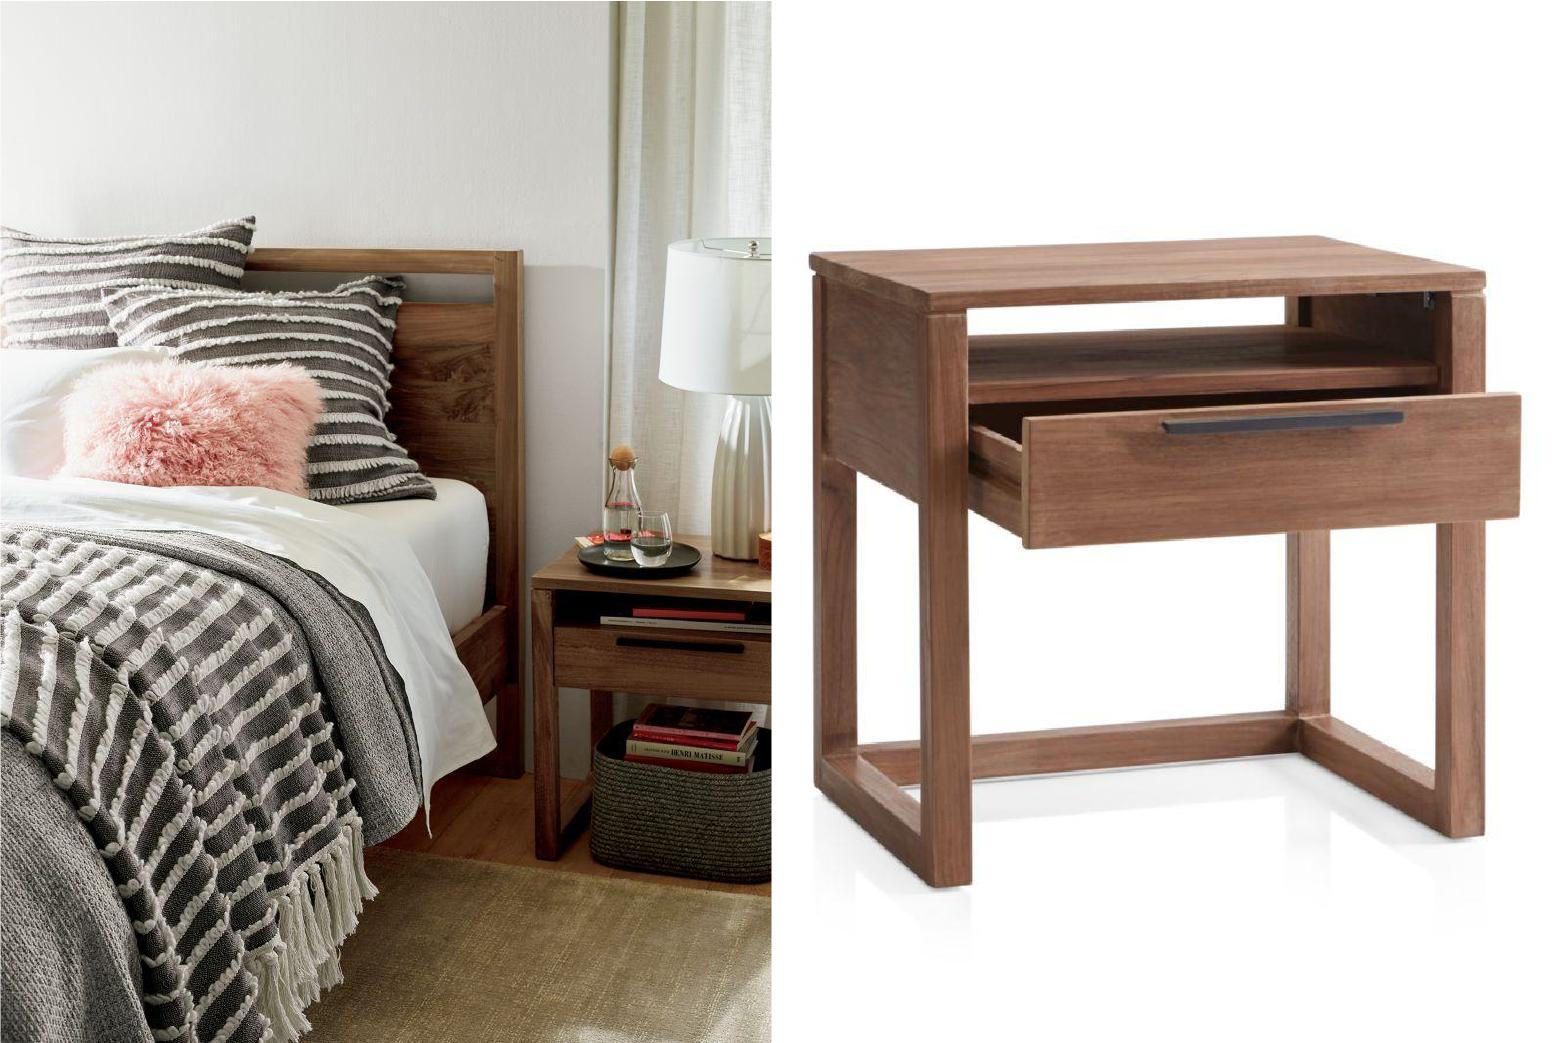 livspace-furniture-nightstand-wooden